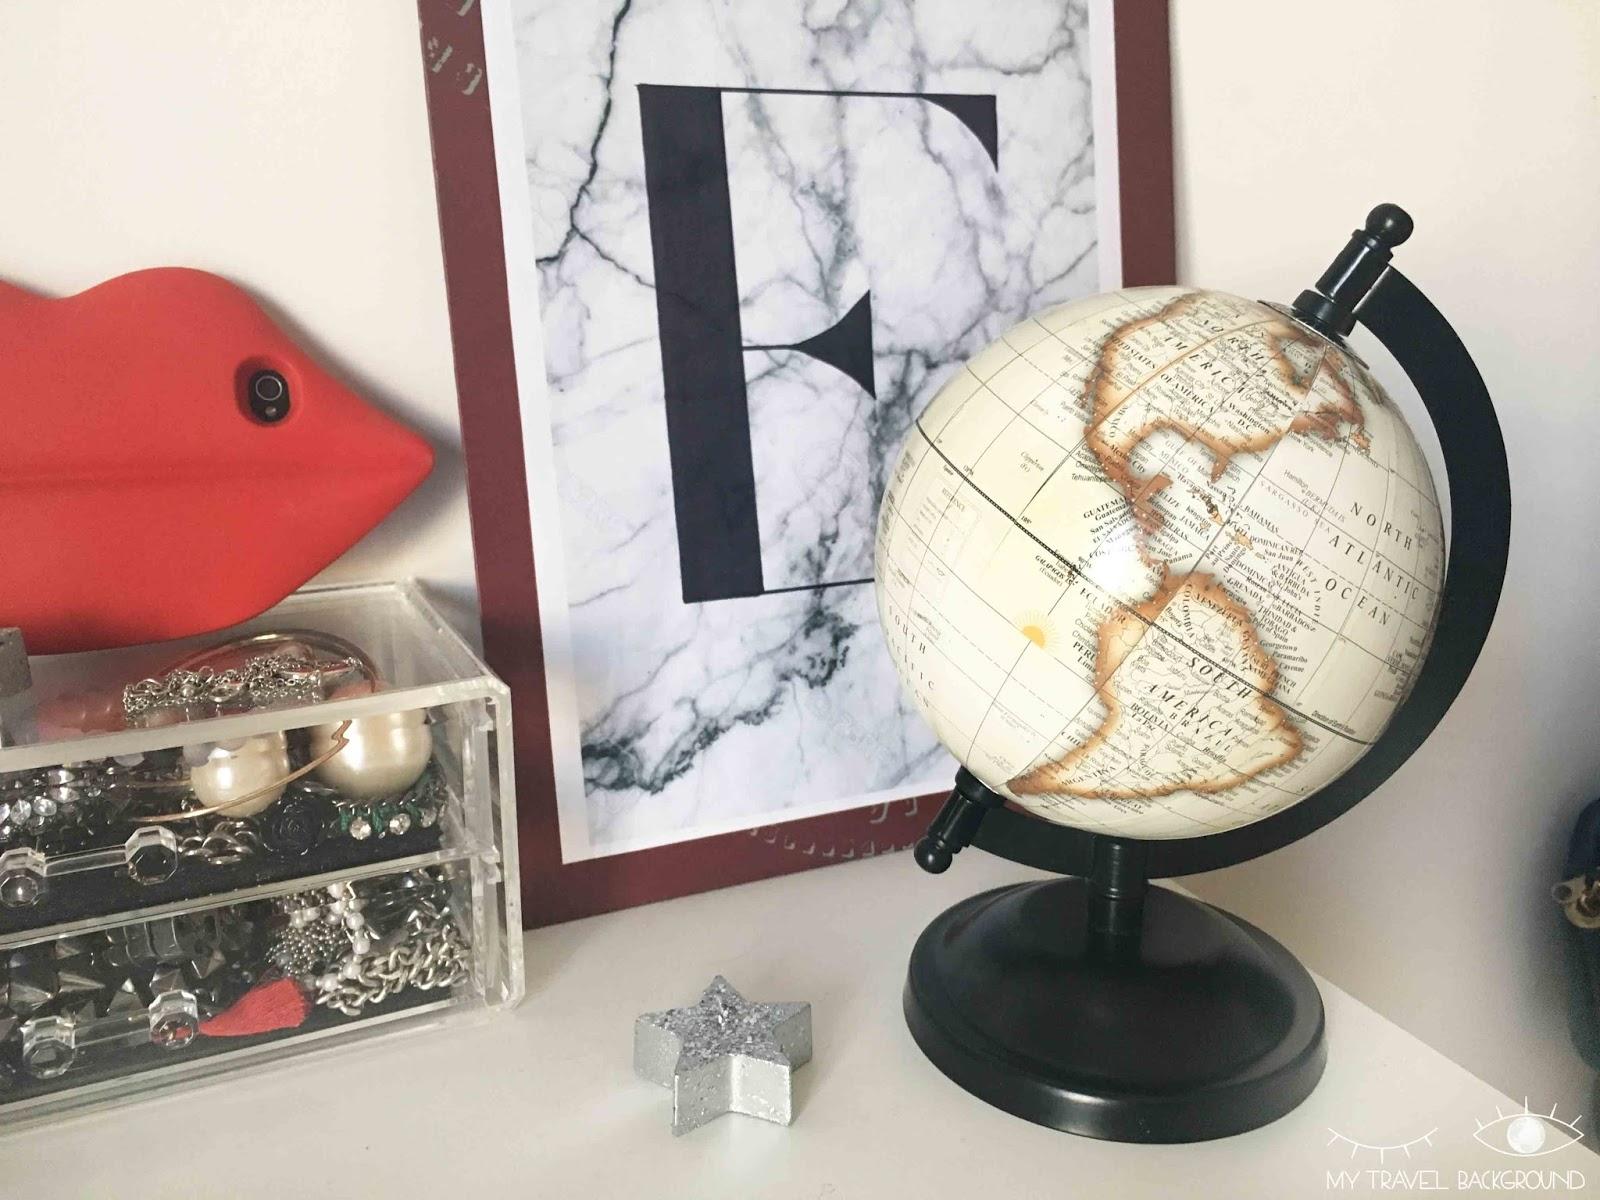 My Travel Background : 12 objets déco pour voyager depuis chez soi